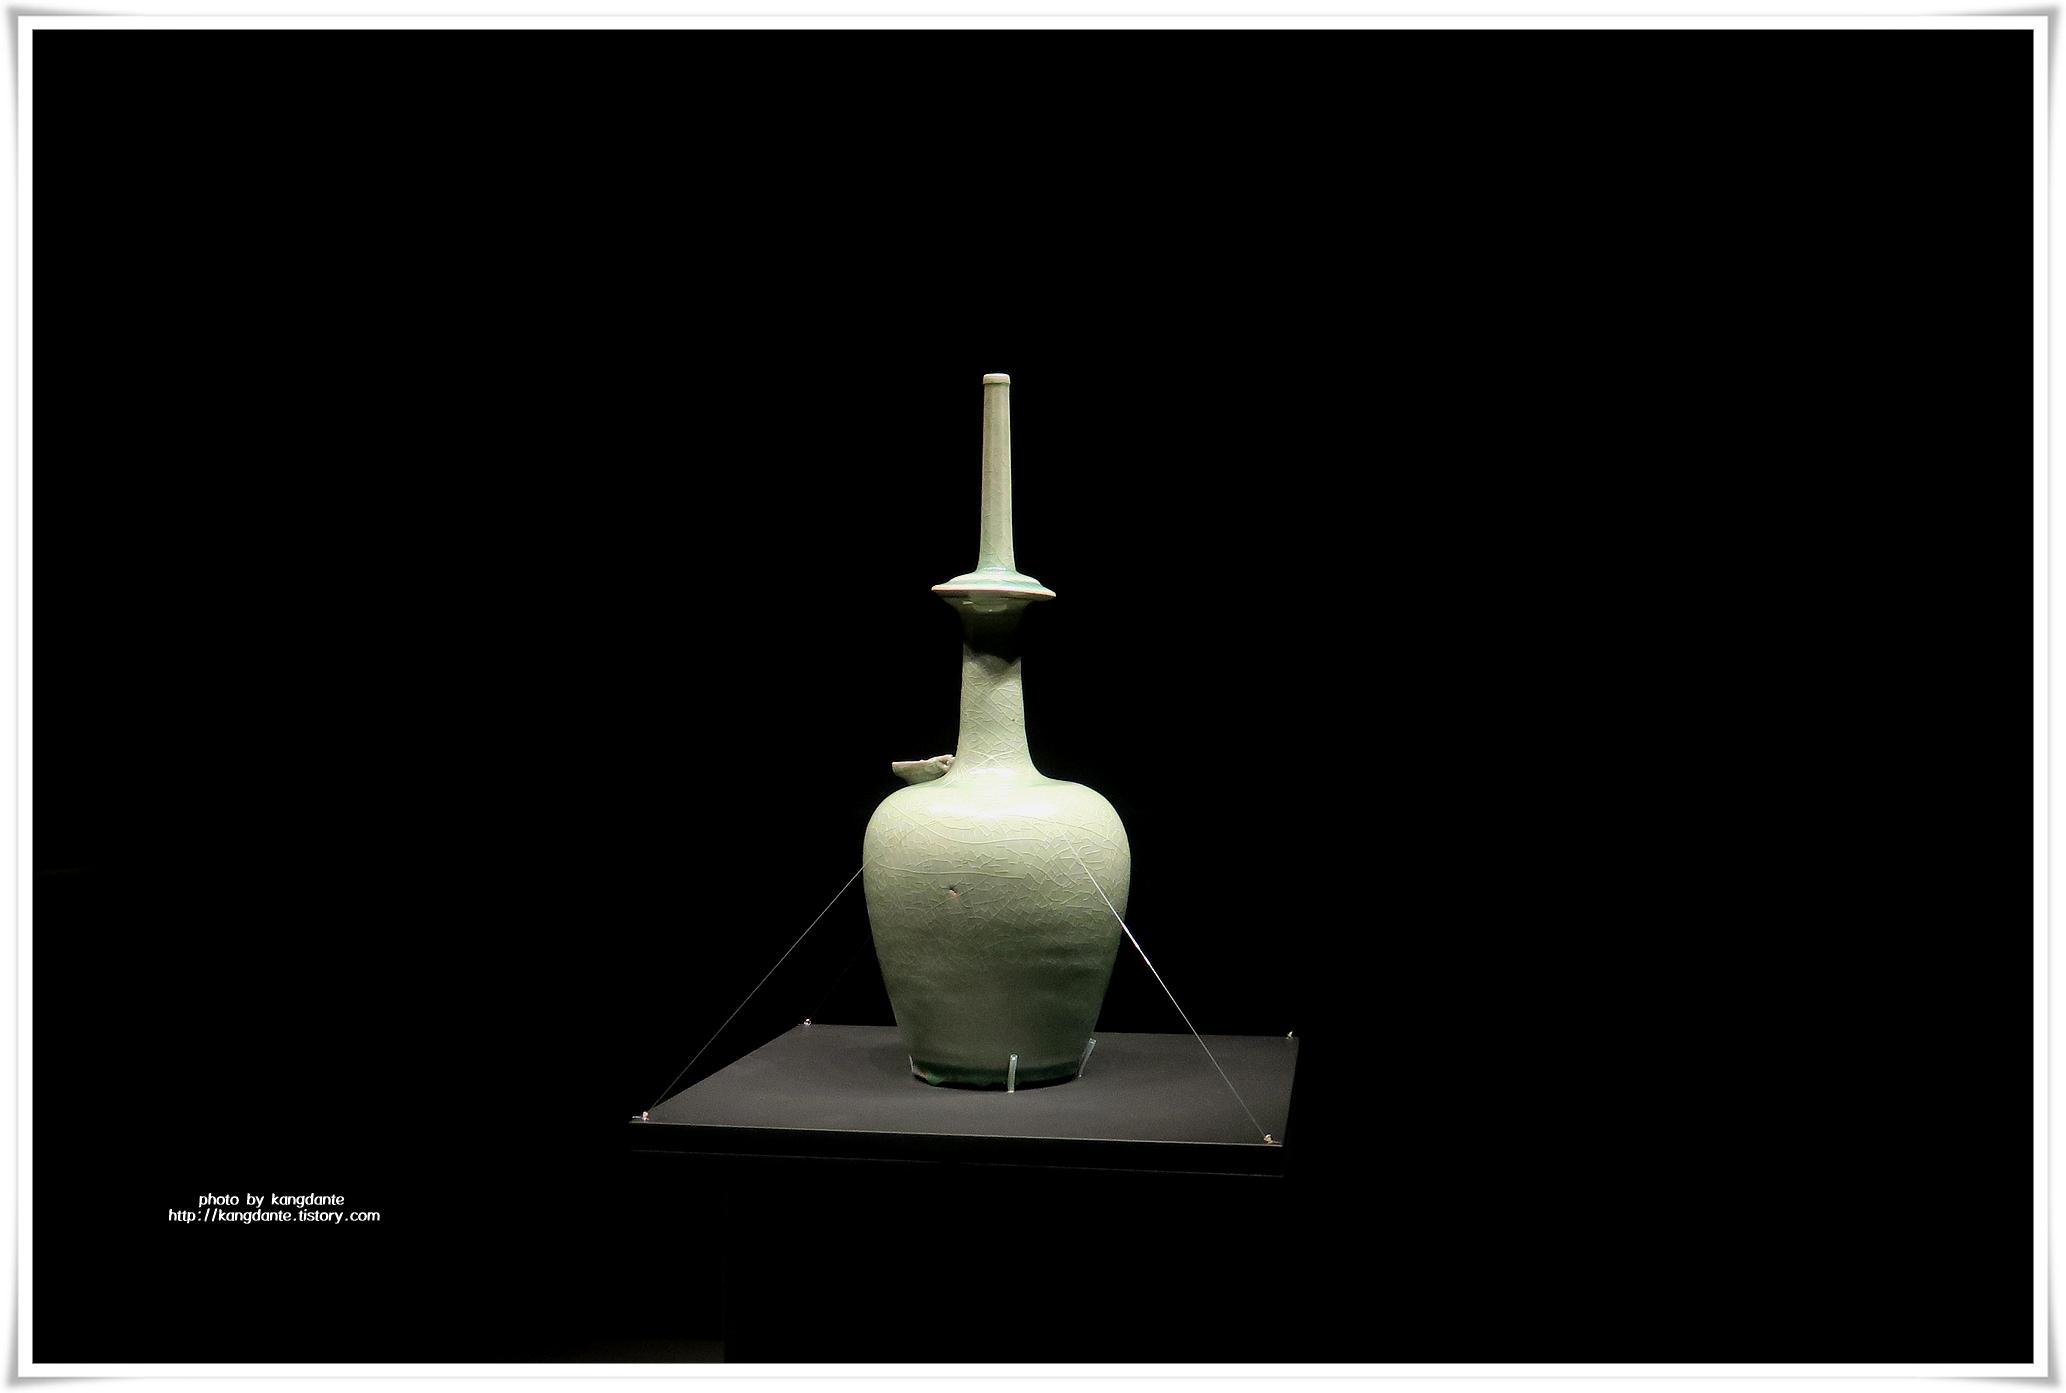 삼성 리움미술관의 고미술(도자기ㆍ금속공예)